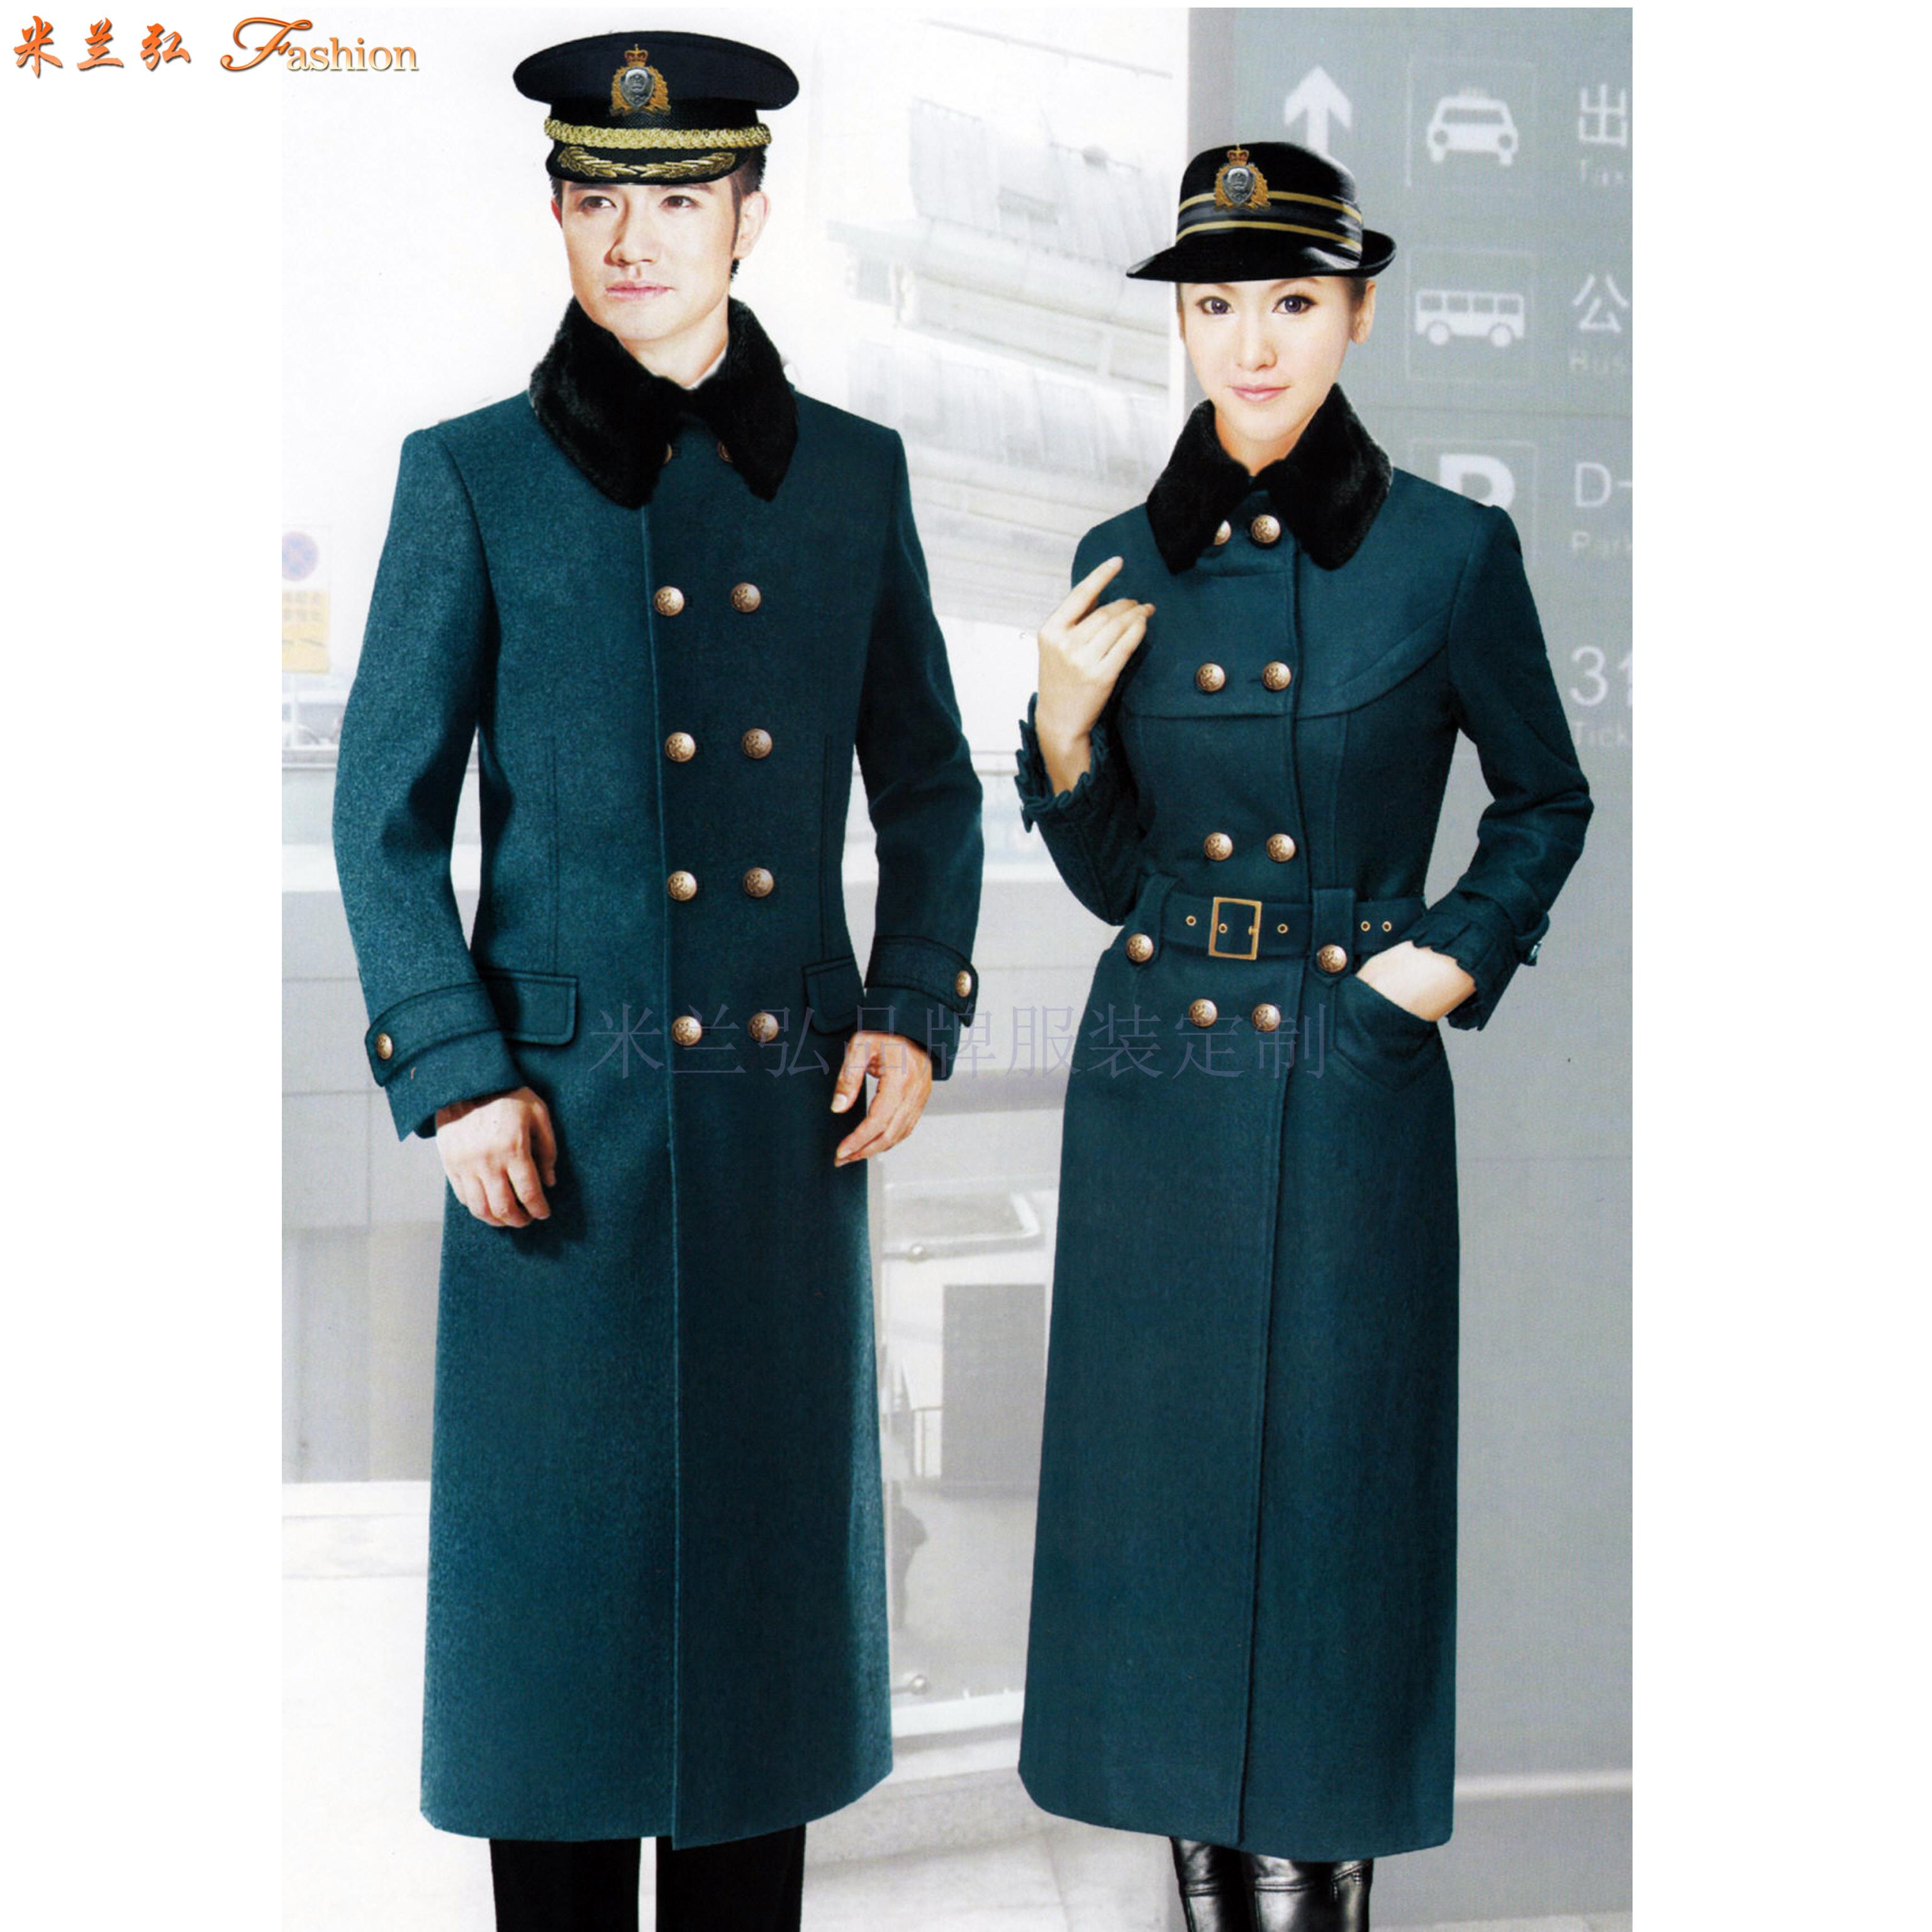 「高铁大衣」量体定做高铁乘务员男女保暖羊毛大衣-米兰弘服装-2